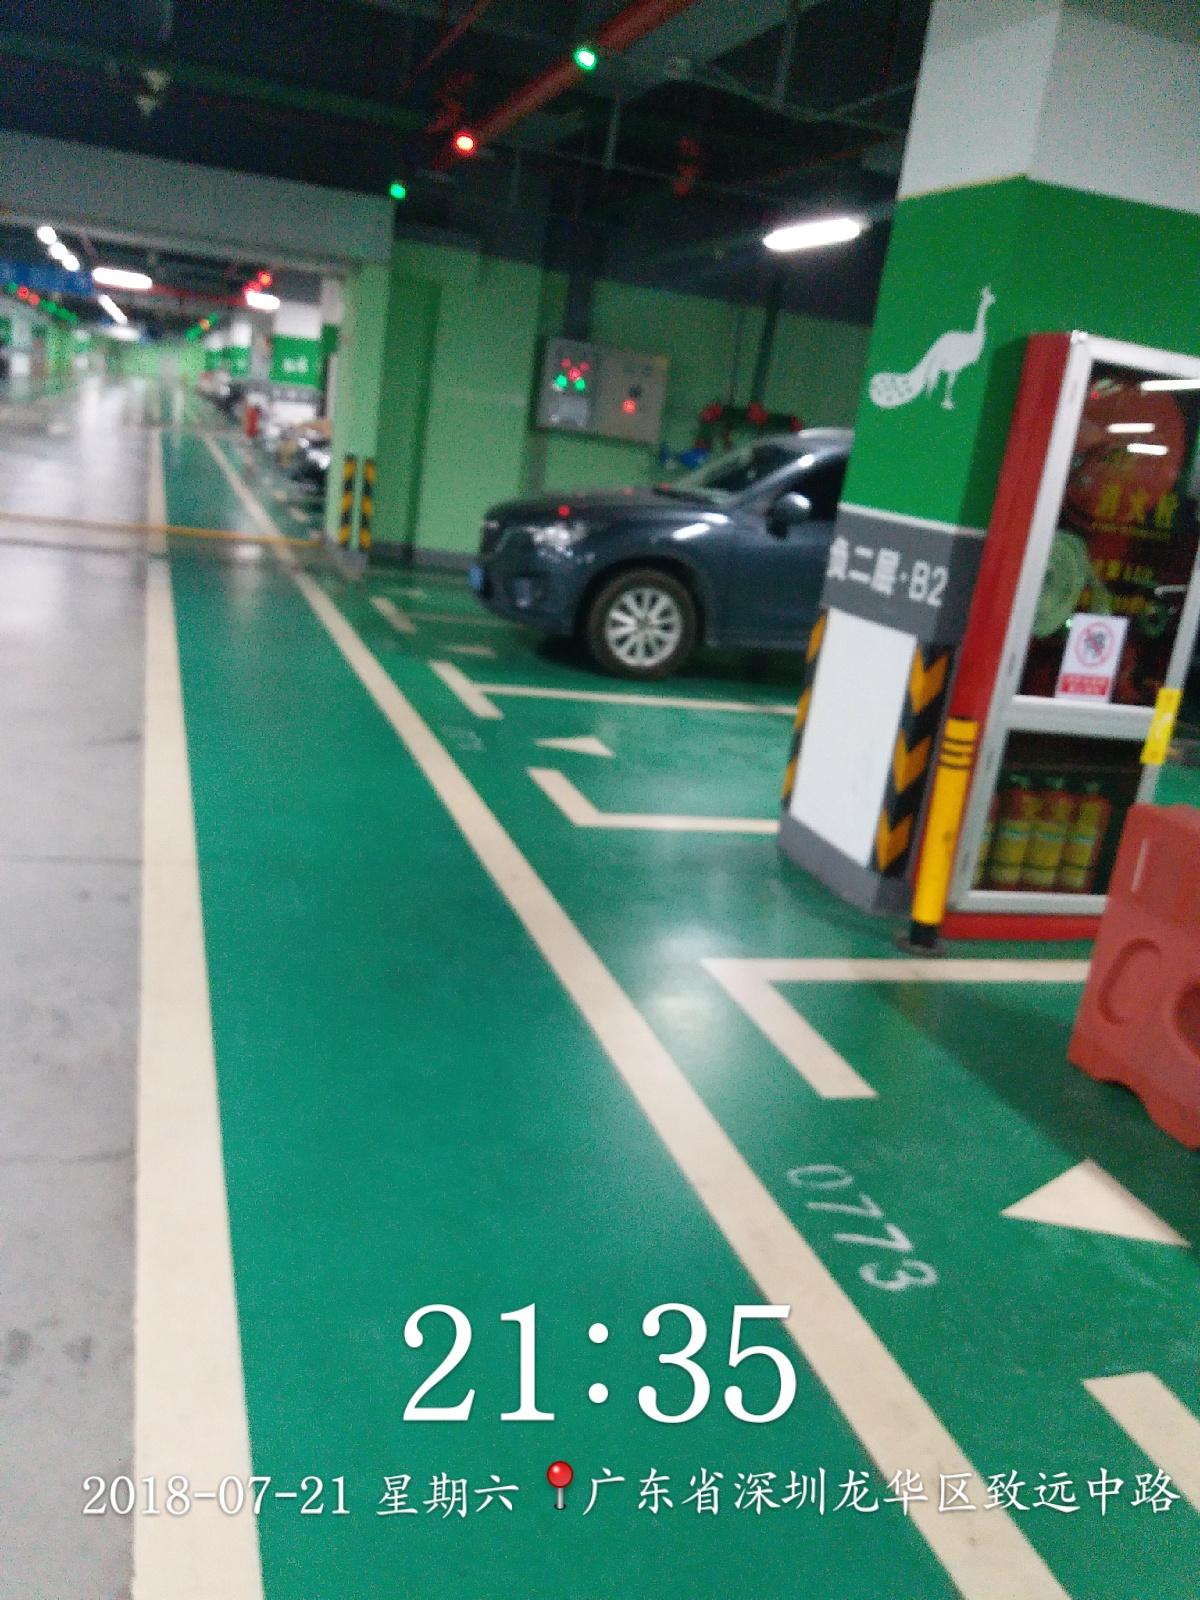 智能化工程推荐_弱电建筑项目合作专业承包-深圳市联星建筑智能化工程有限公司